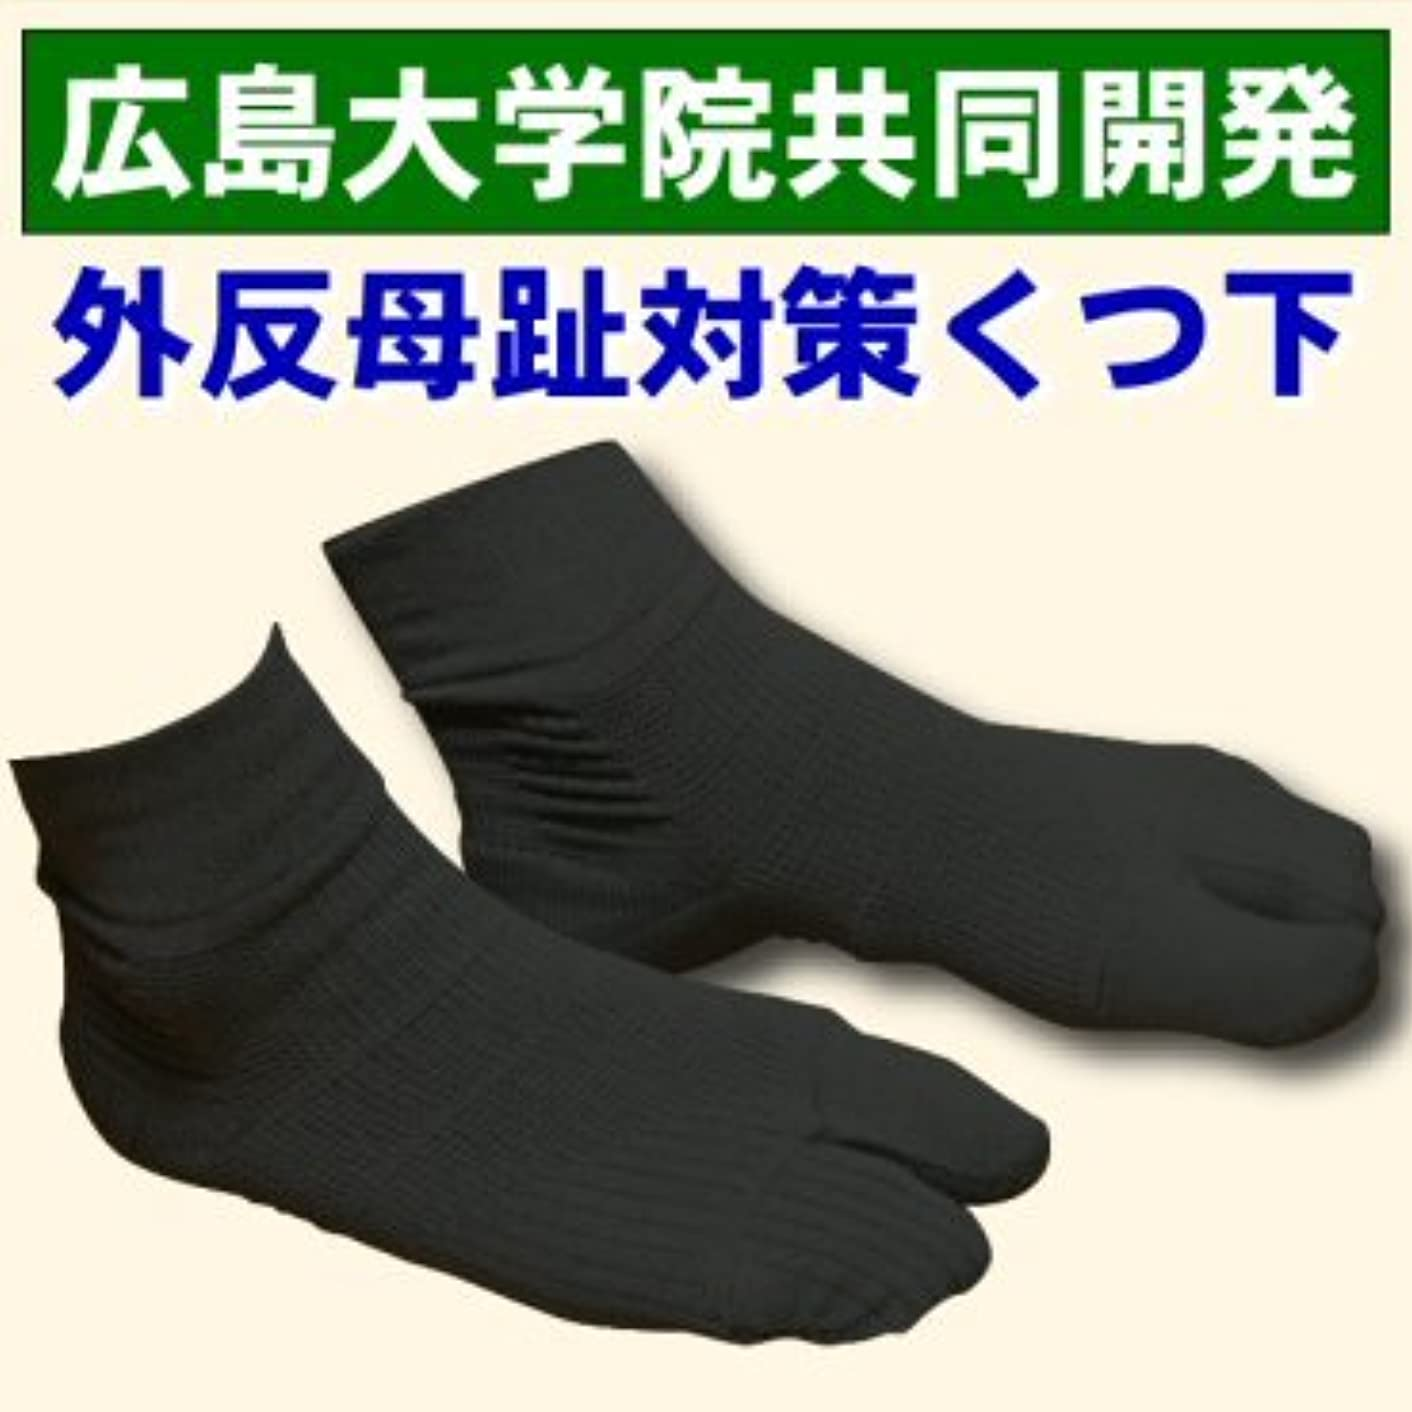 バルク静かな懐疑的外反母趾対策靴下(24-25cm?ブラック)【日本製】